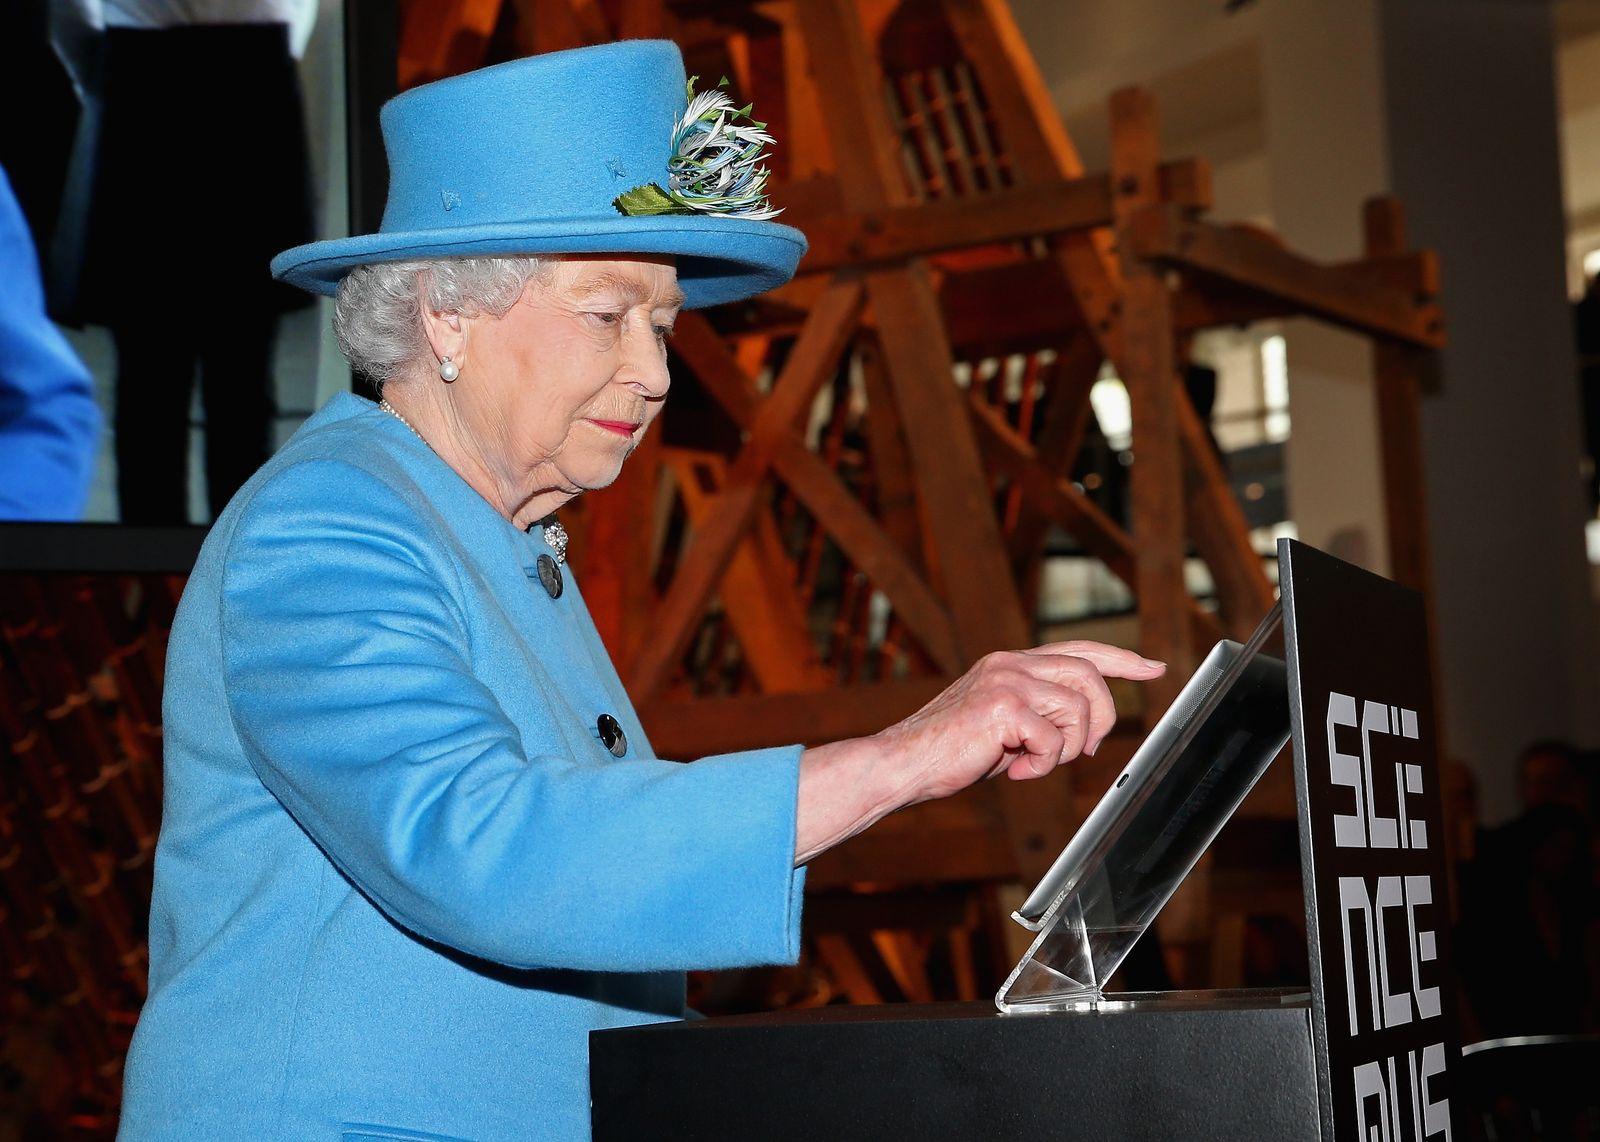 Queen Elizabeth / Computer / tweet